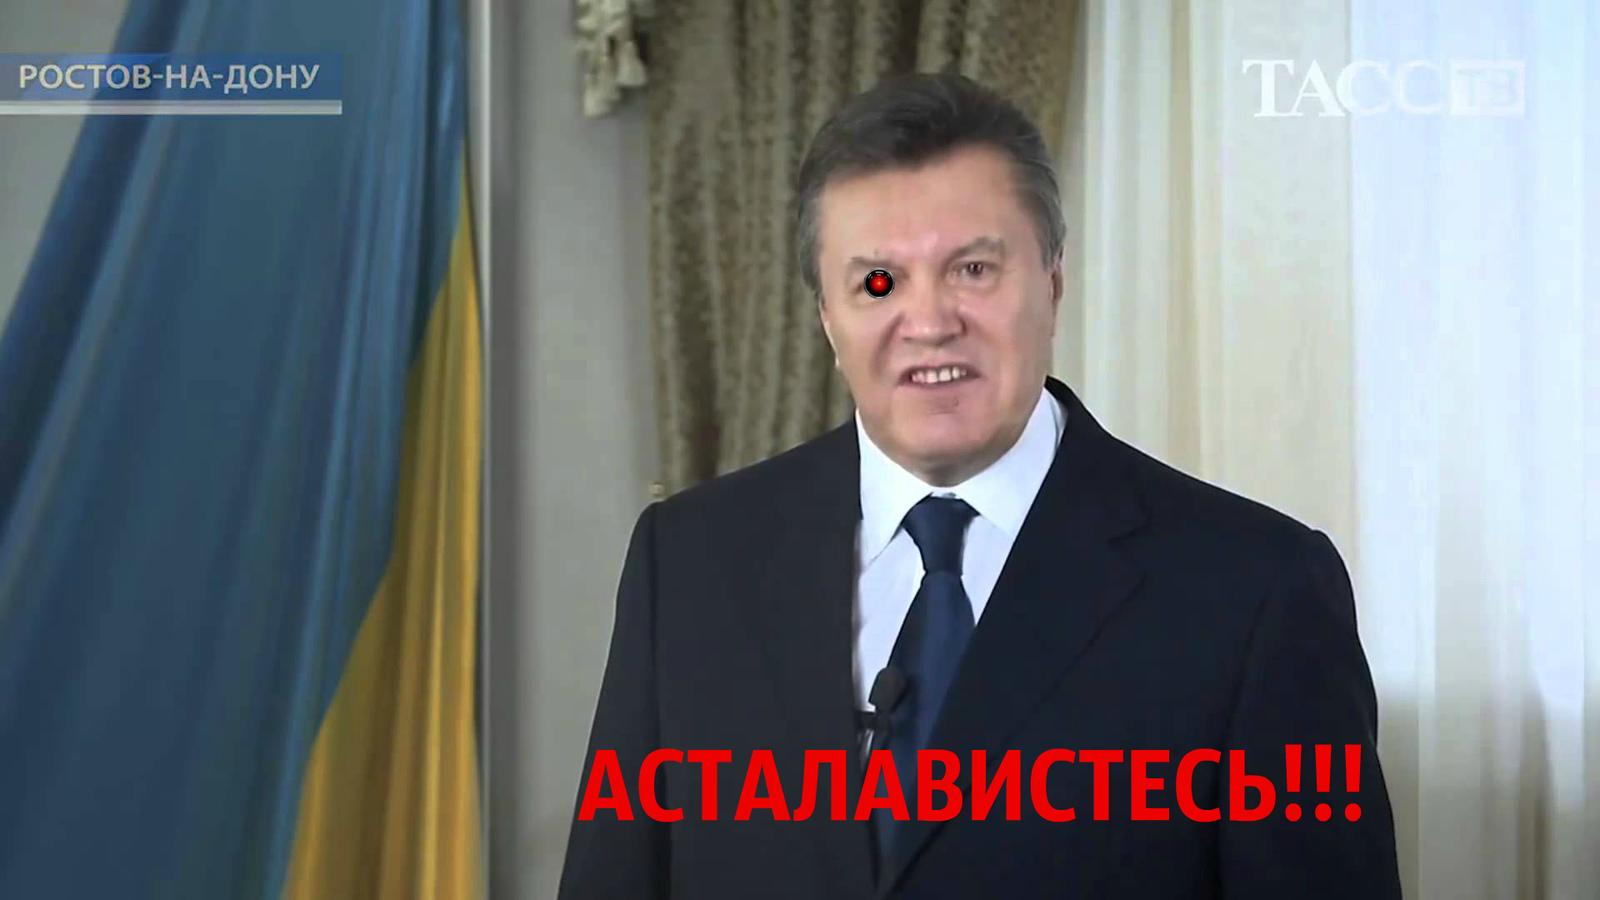 Суд над Януковичем: Президент-утікач готовий до відеозв'язку, адвокат Горошинський реєструється в РФ. СТЕНОГРАМА ЗАСІДАННЯ - Цензор.НЕТ 4848